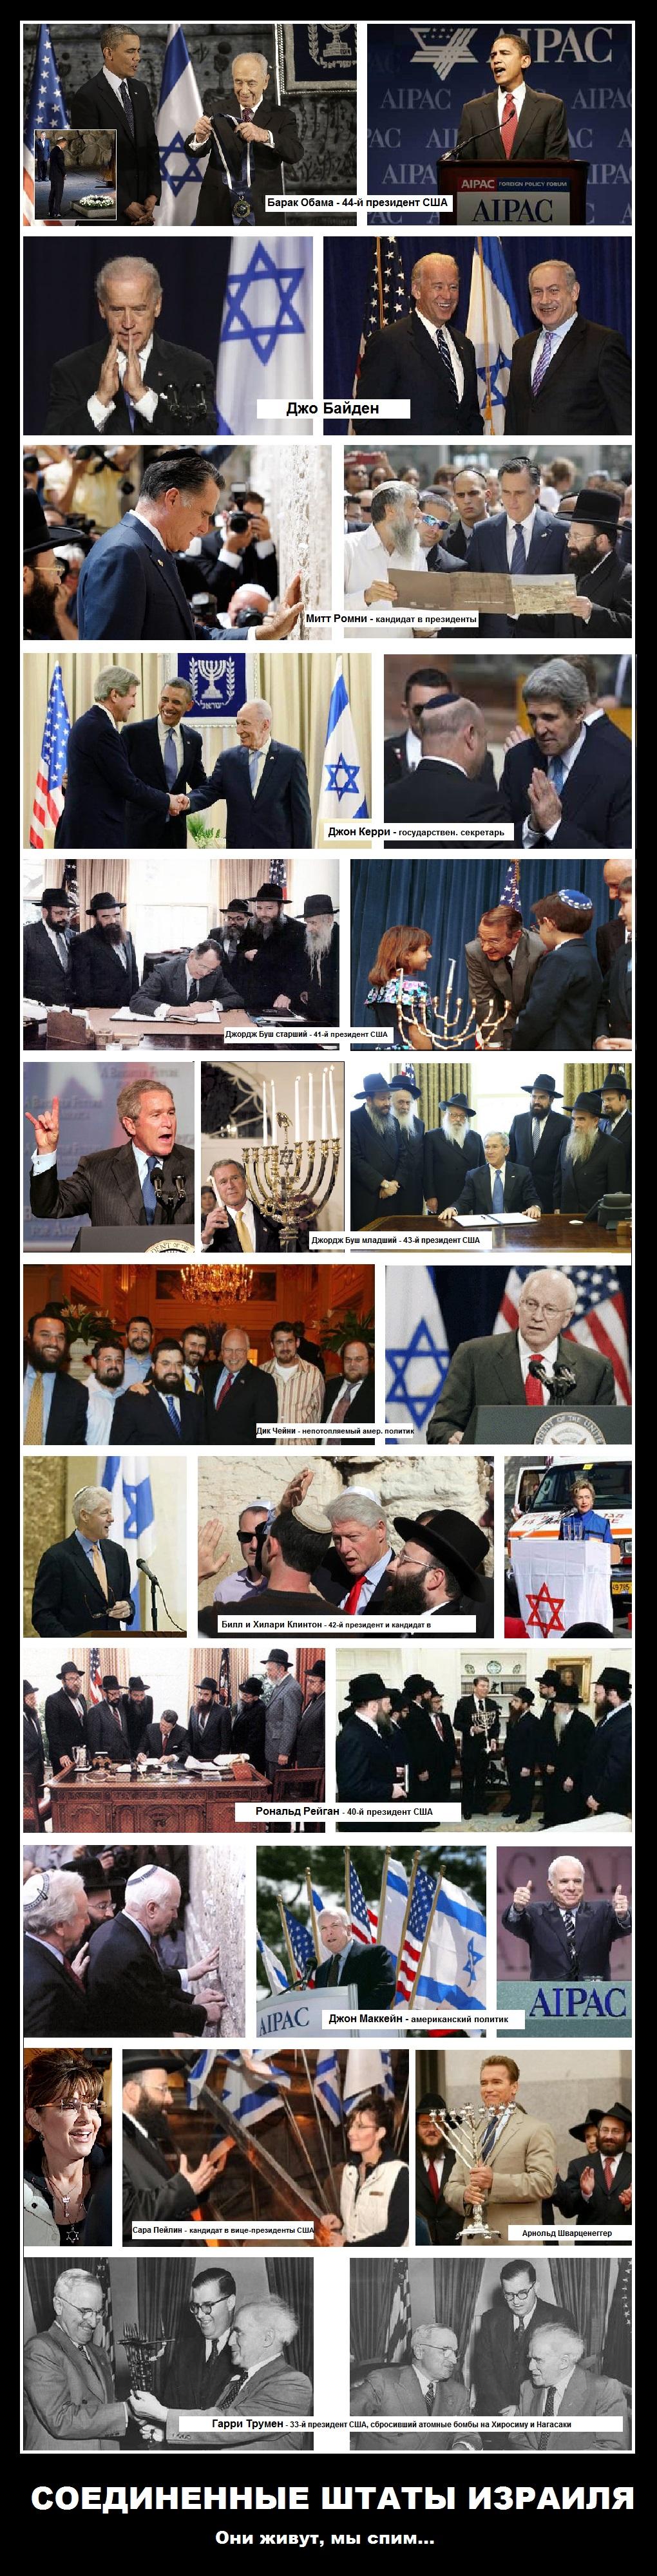 Соединенные штаты Израиля